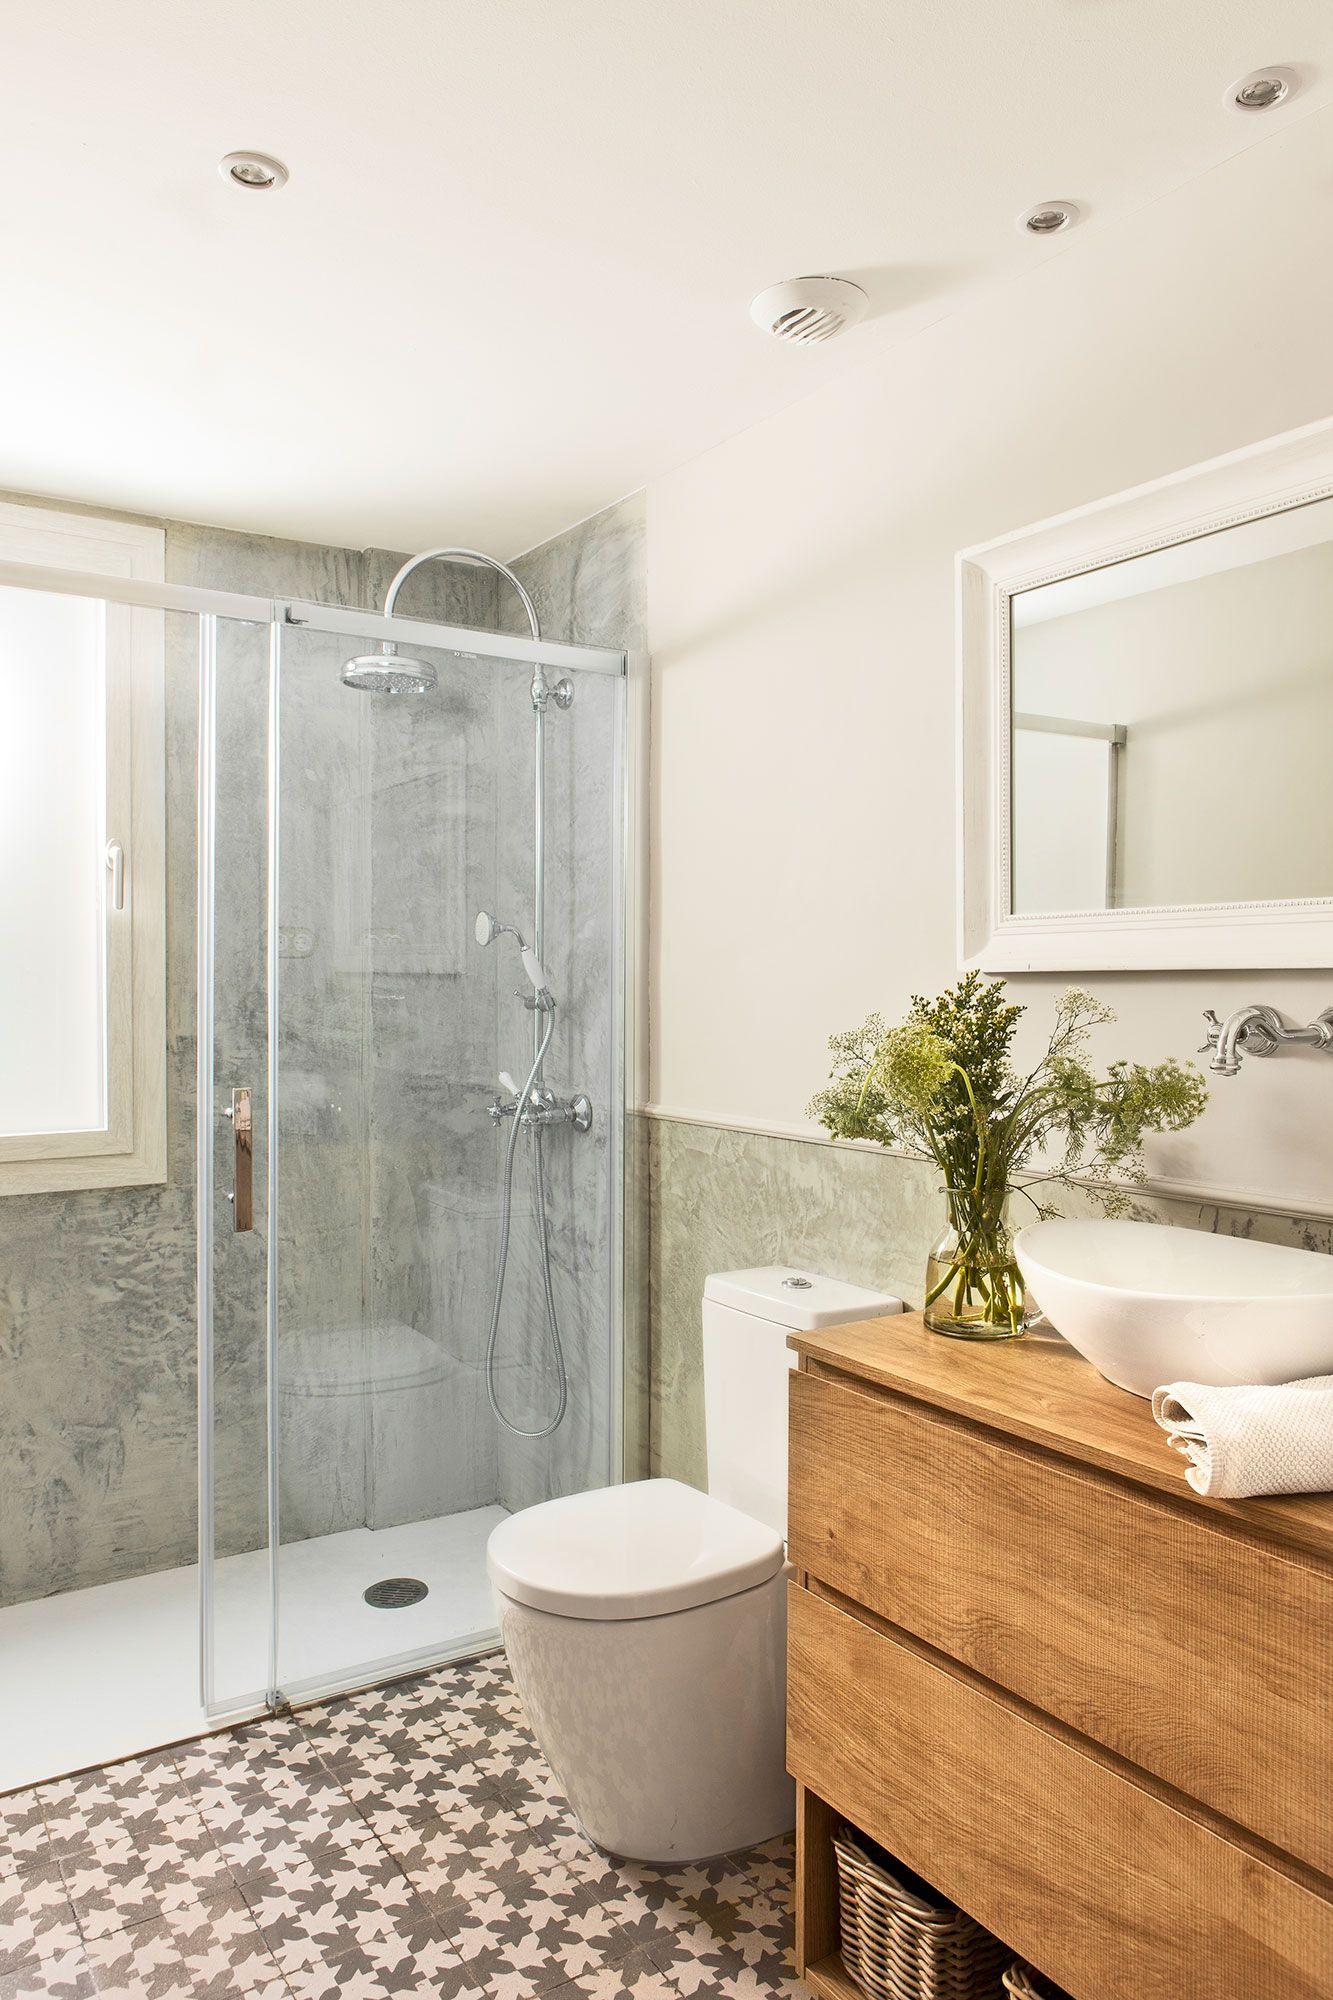 Claridad. | Baños pequeños, Platos de ducha y Muebles de baño